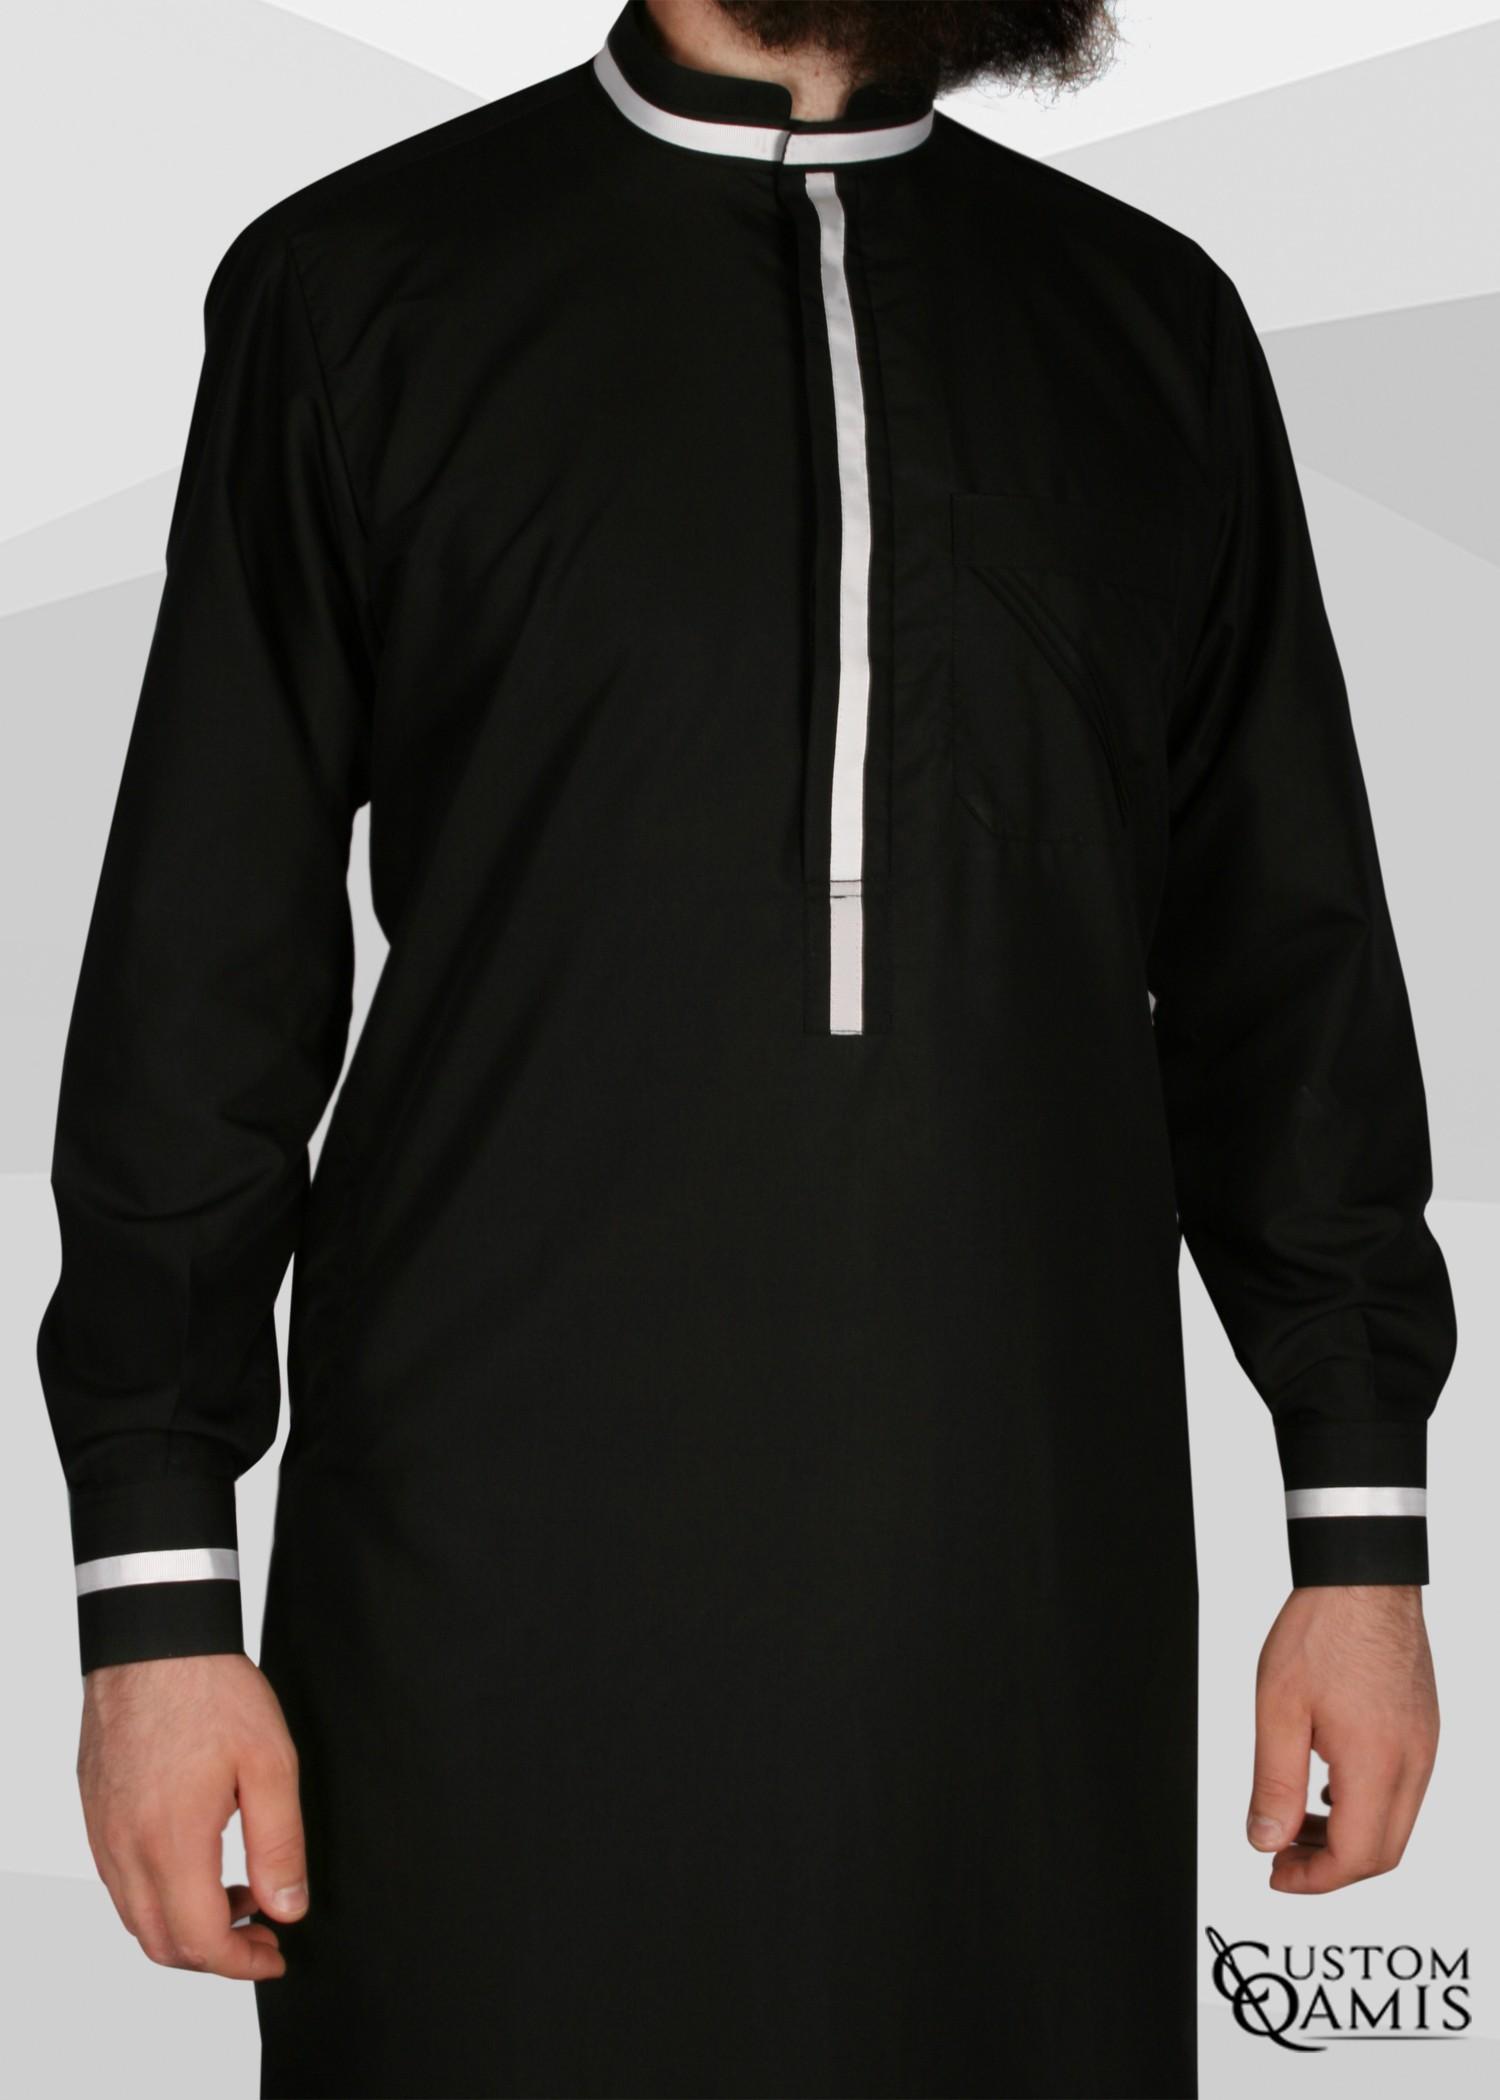 Qamis Trend tissu noir et bandes blanches col mao avec manchettes